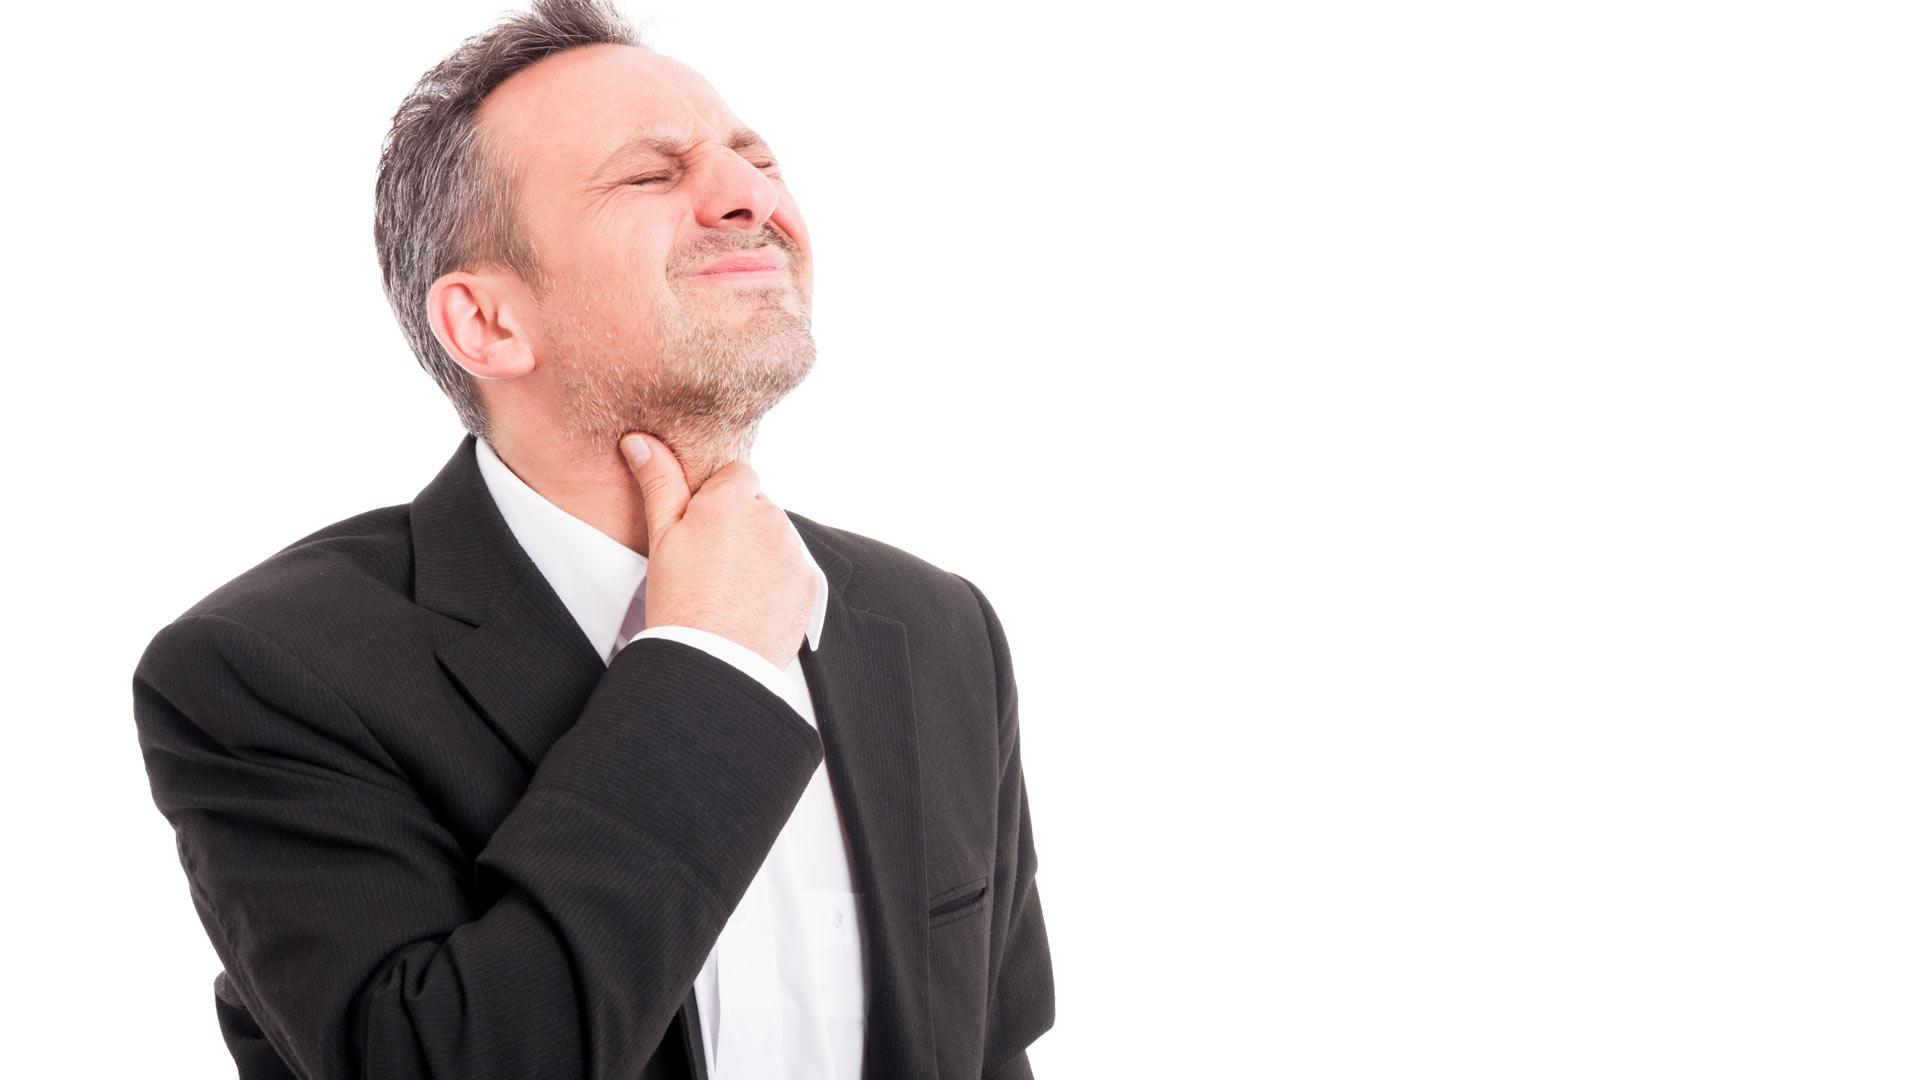 آیا عفونت استاف می تواند باعث گلو درد شود؟